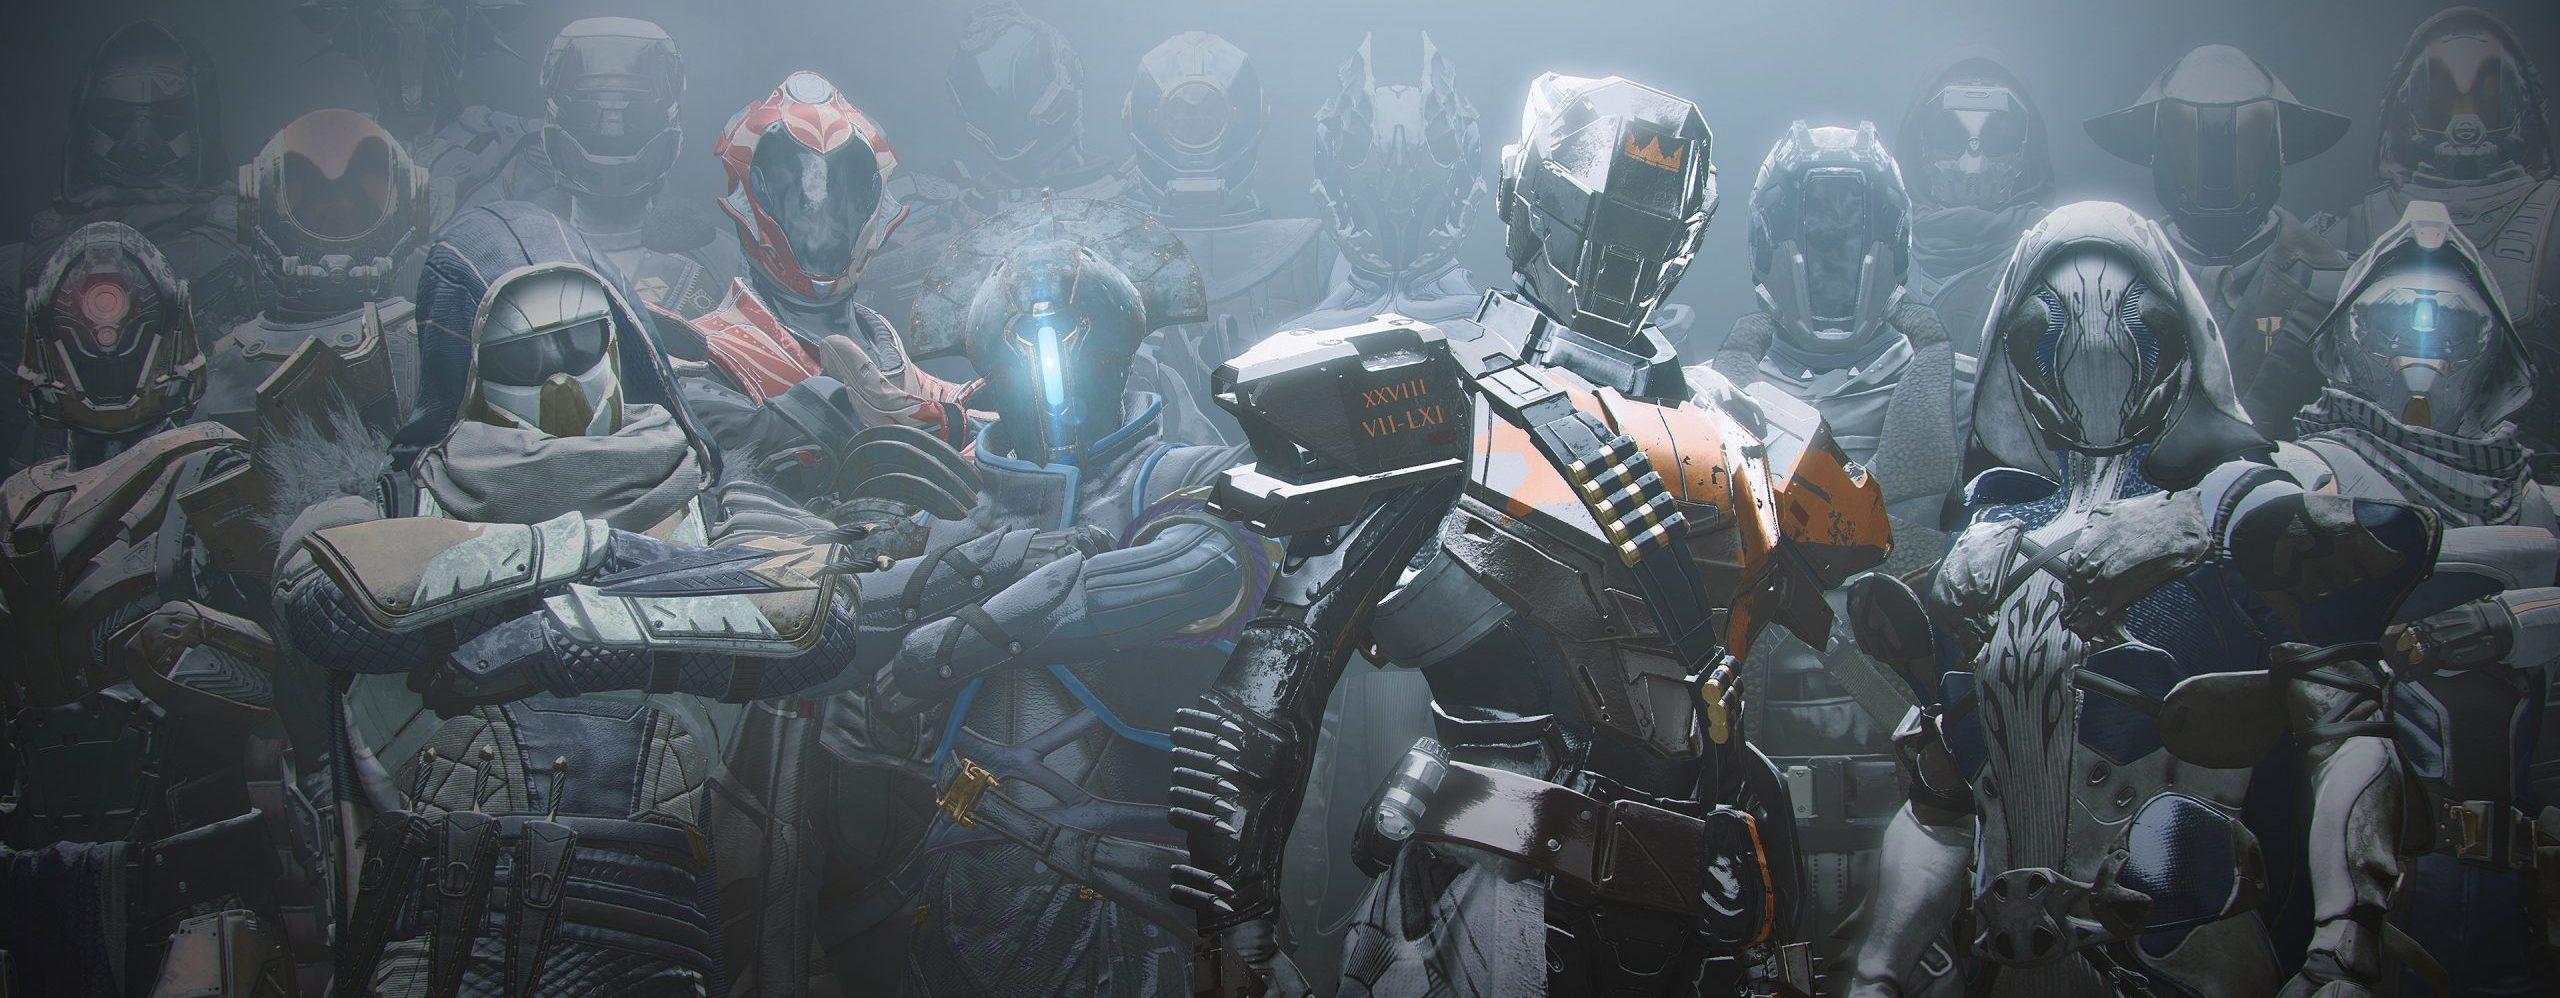 Destiny 2 bringt Rüstungs-Feature, das sich viele wünschen – Richtiges Transmog